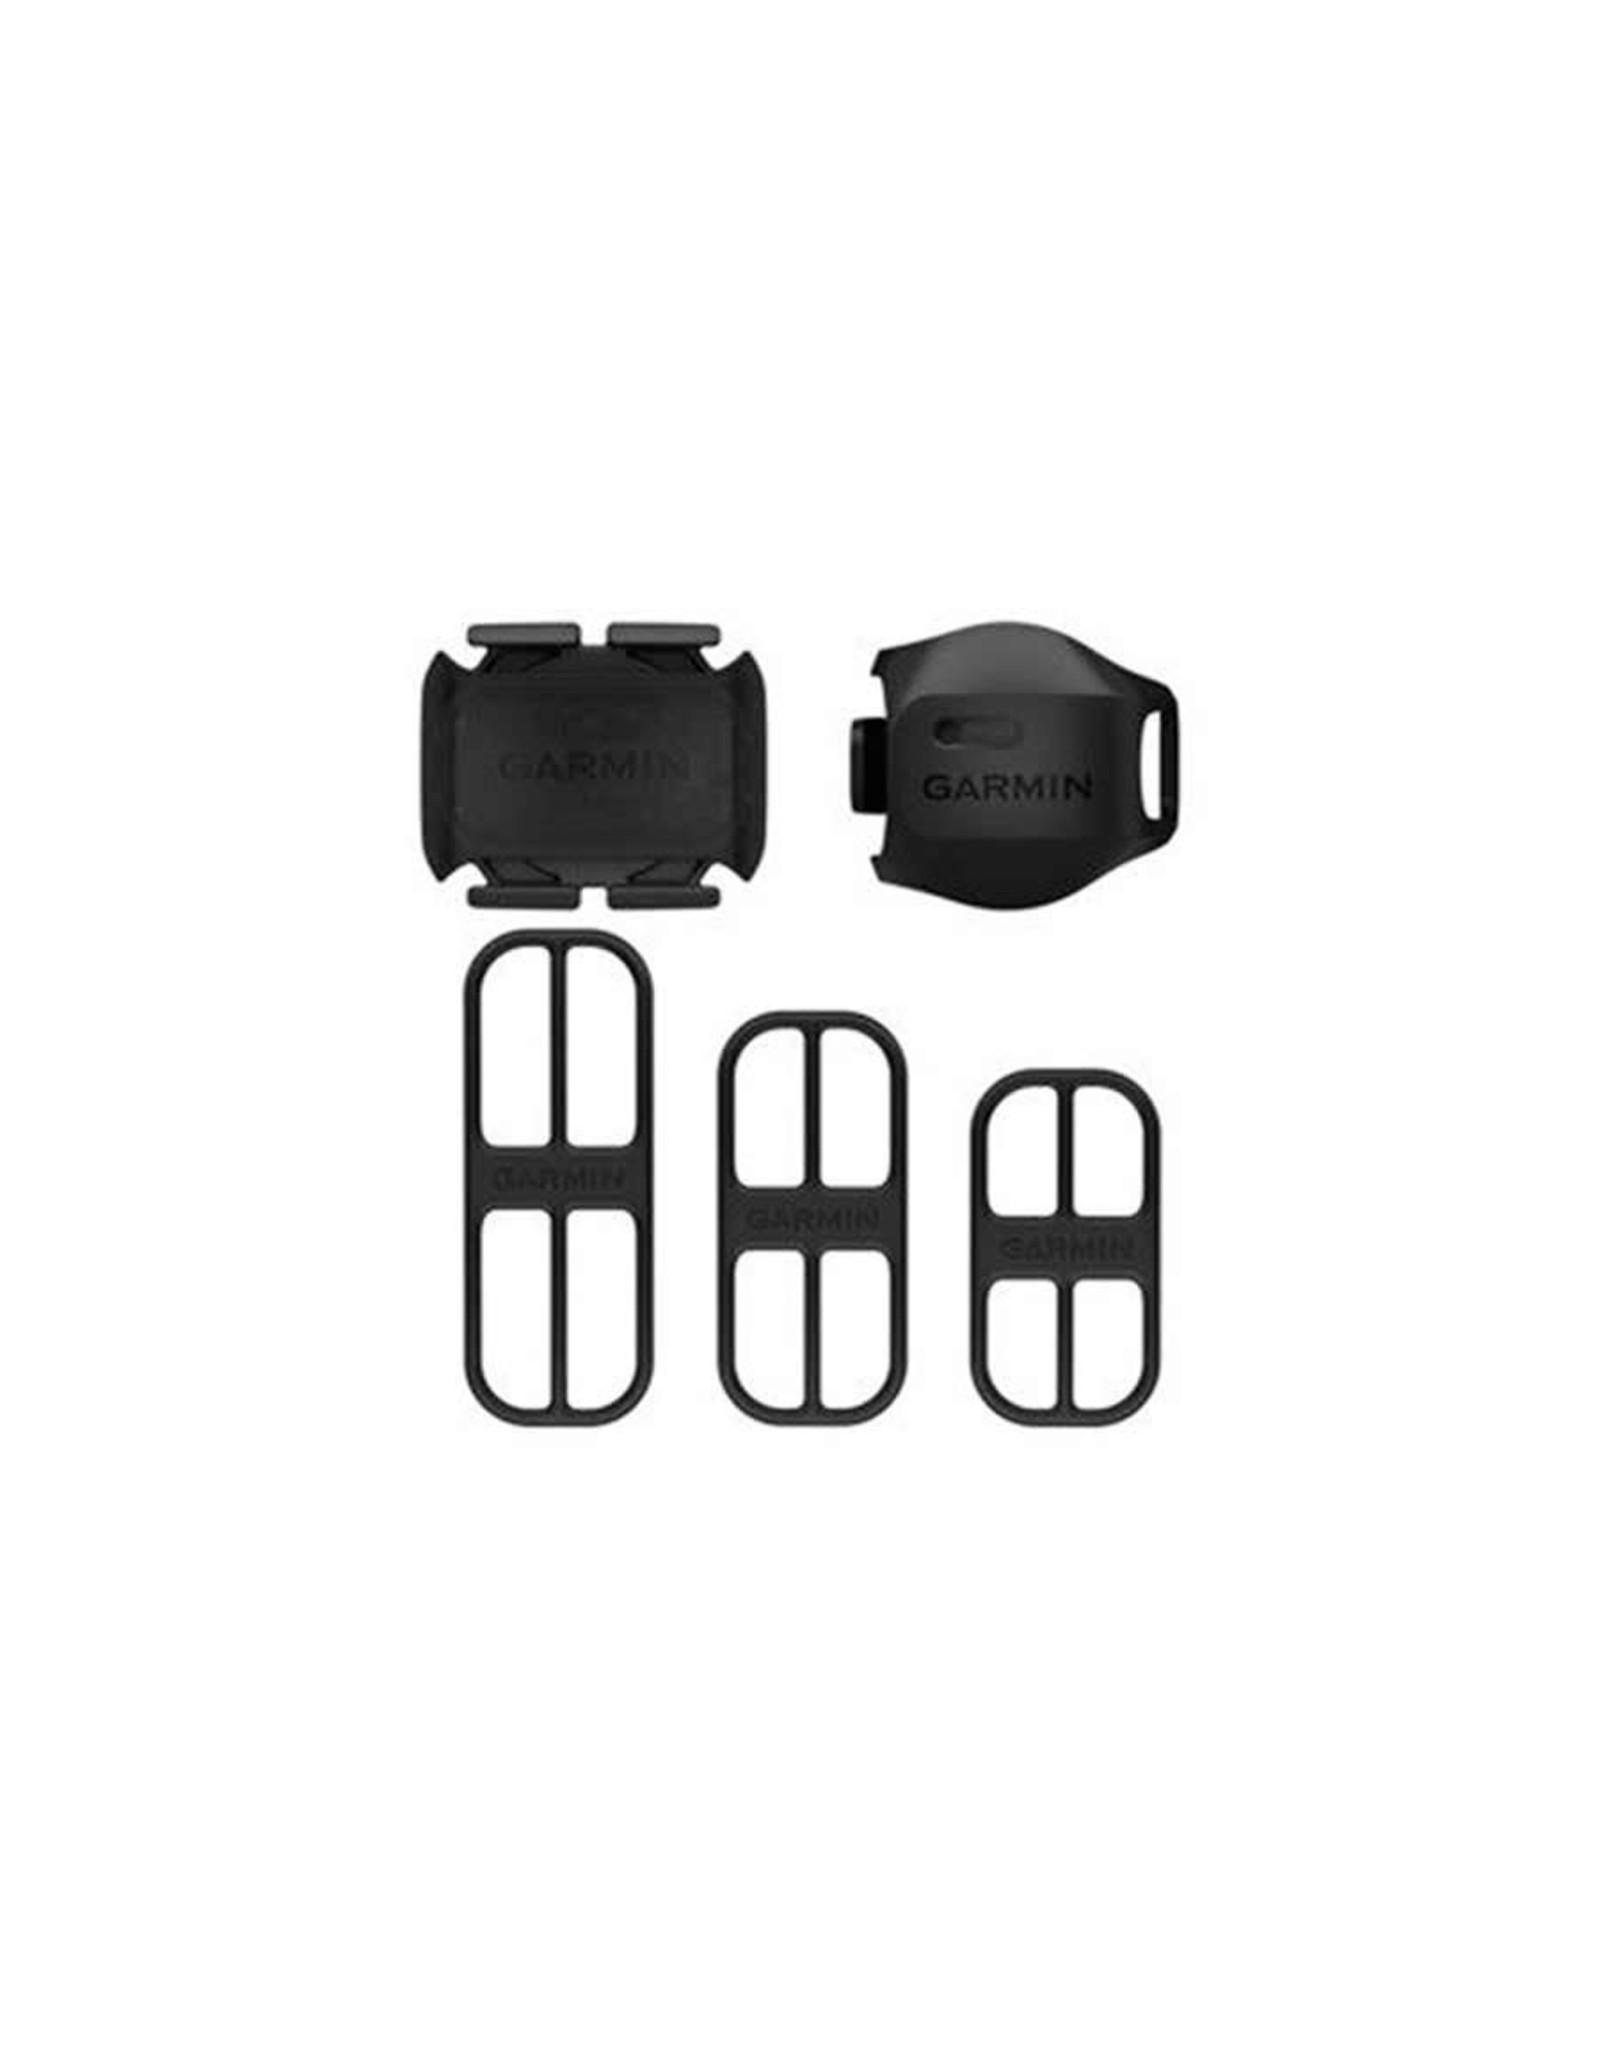 Garmin Garmin, Speed Sensor 2/Cadence Sensor 2